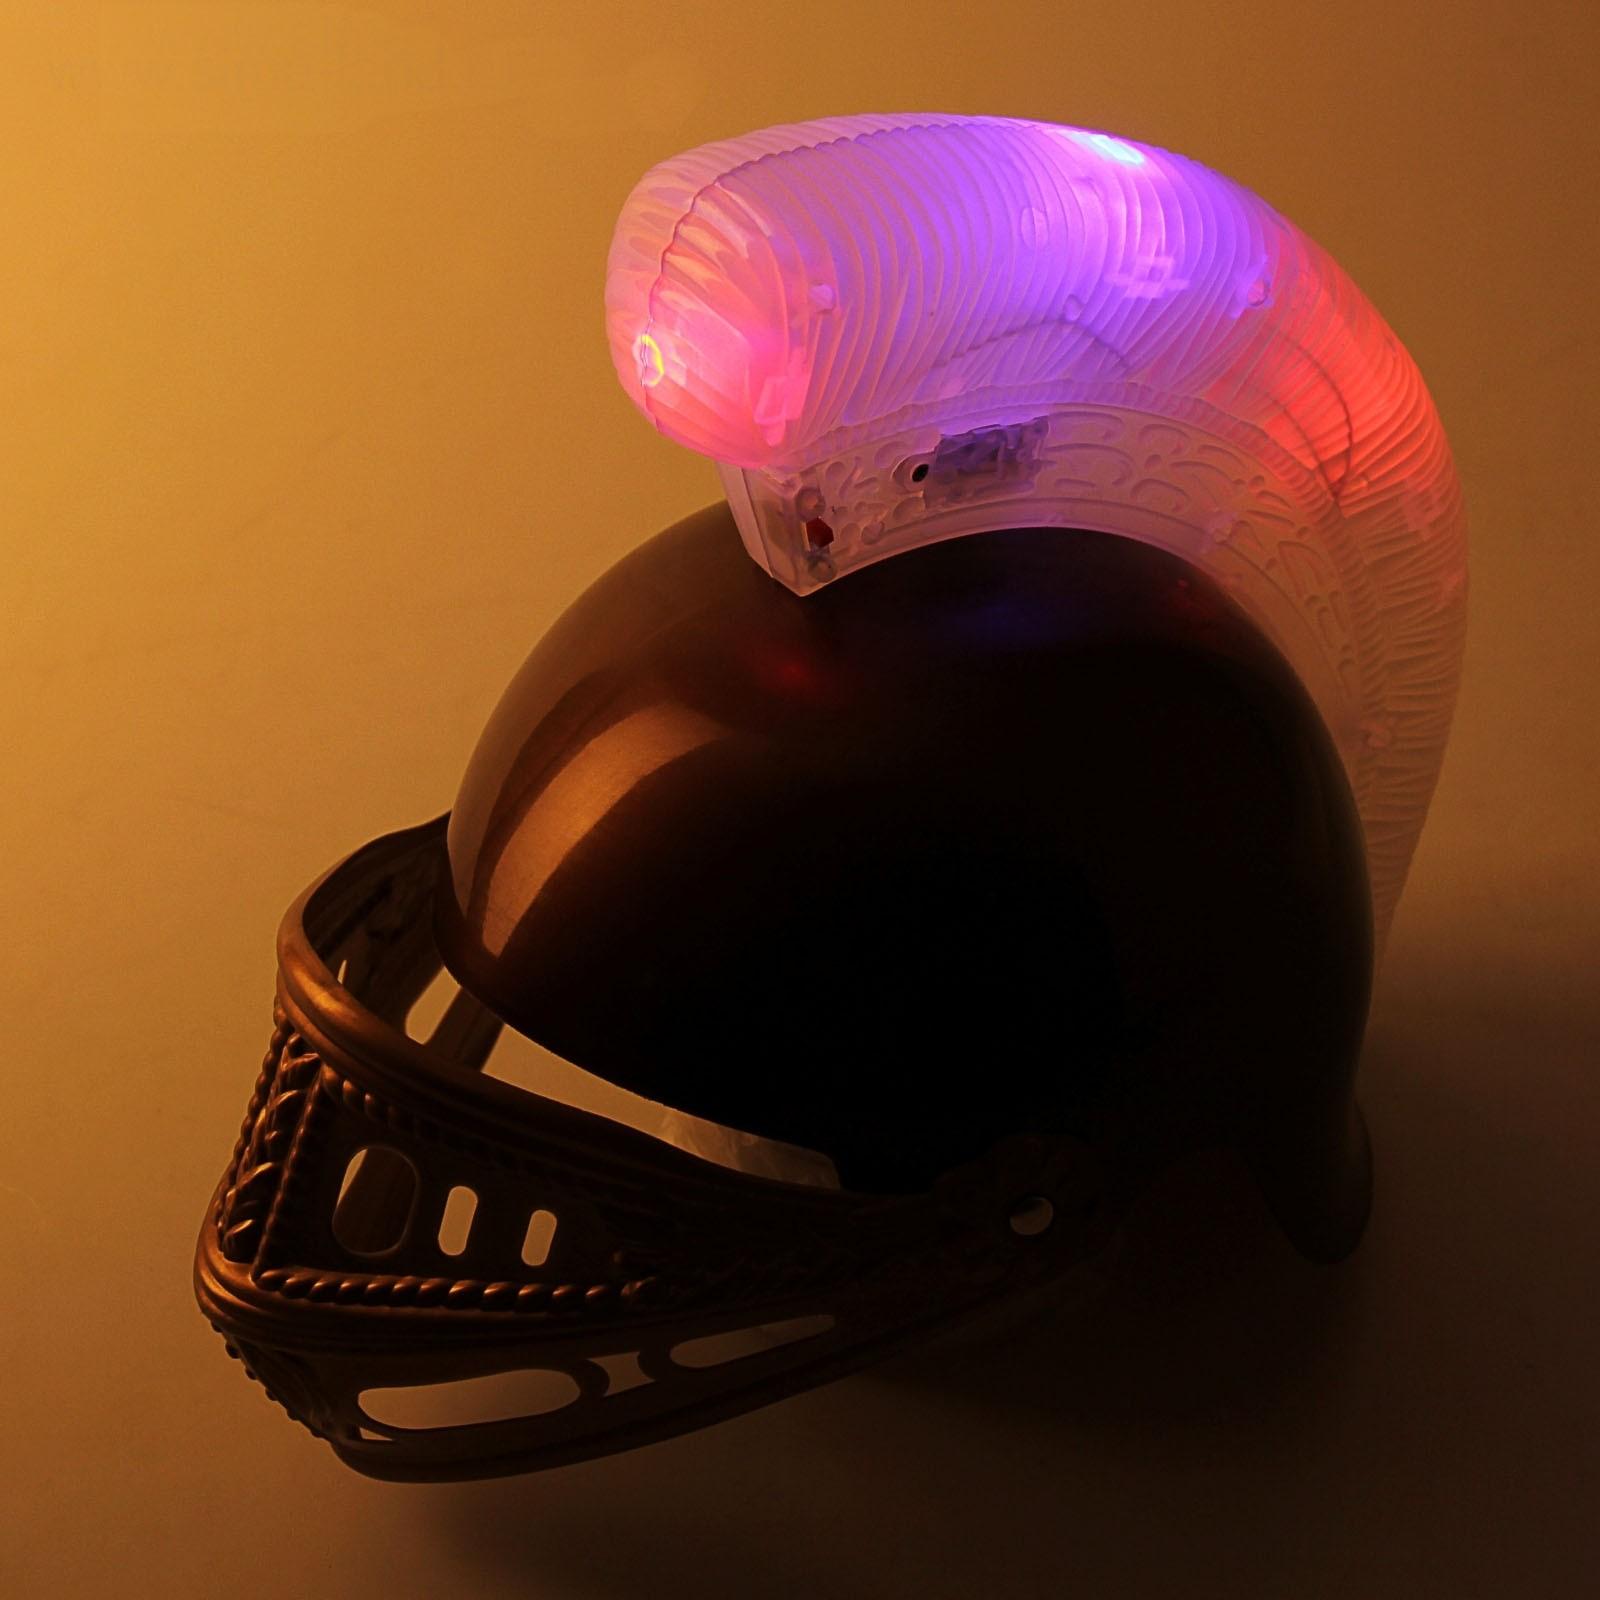 Спартанский светящийся шлем от Vkostume